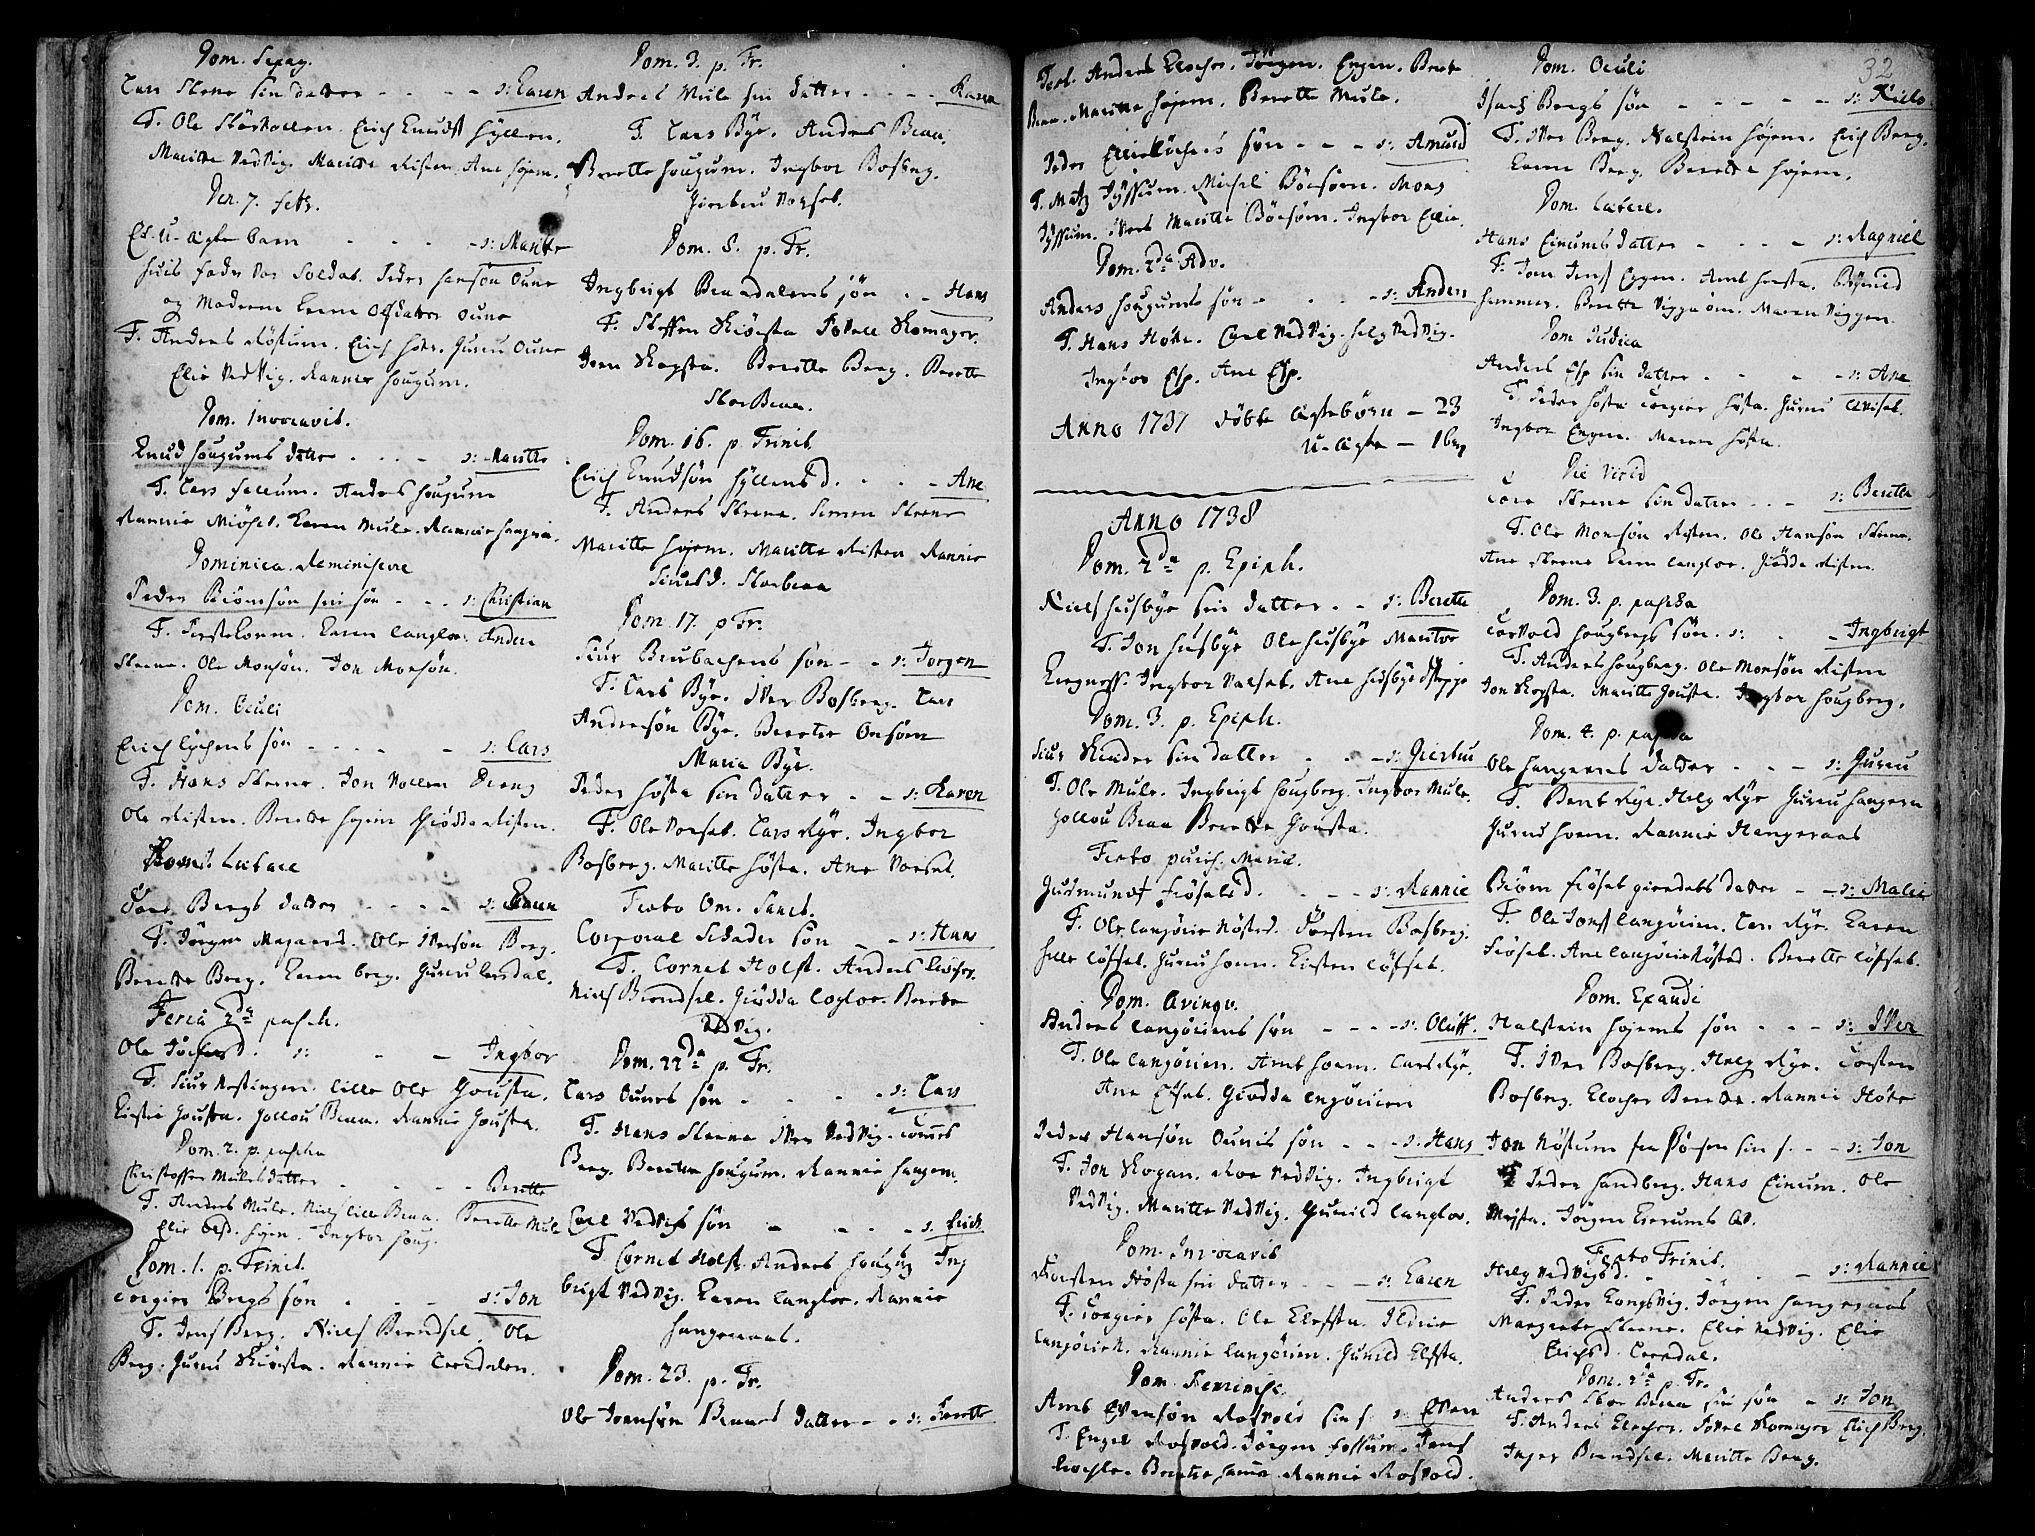 SAT, Ministerialprotokoller, klokkerbøker og fødselsregistre - Sør-Trøndelag, 612/L0368: Ministerialbok nr. 612A02, 1702-1753, s. 32